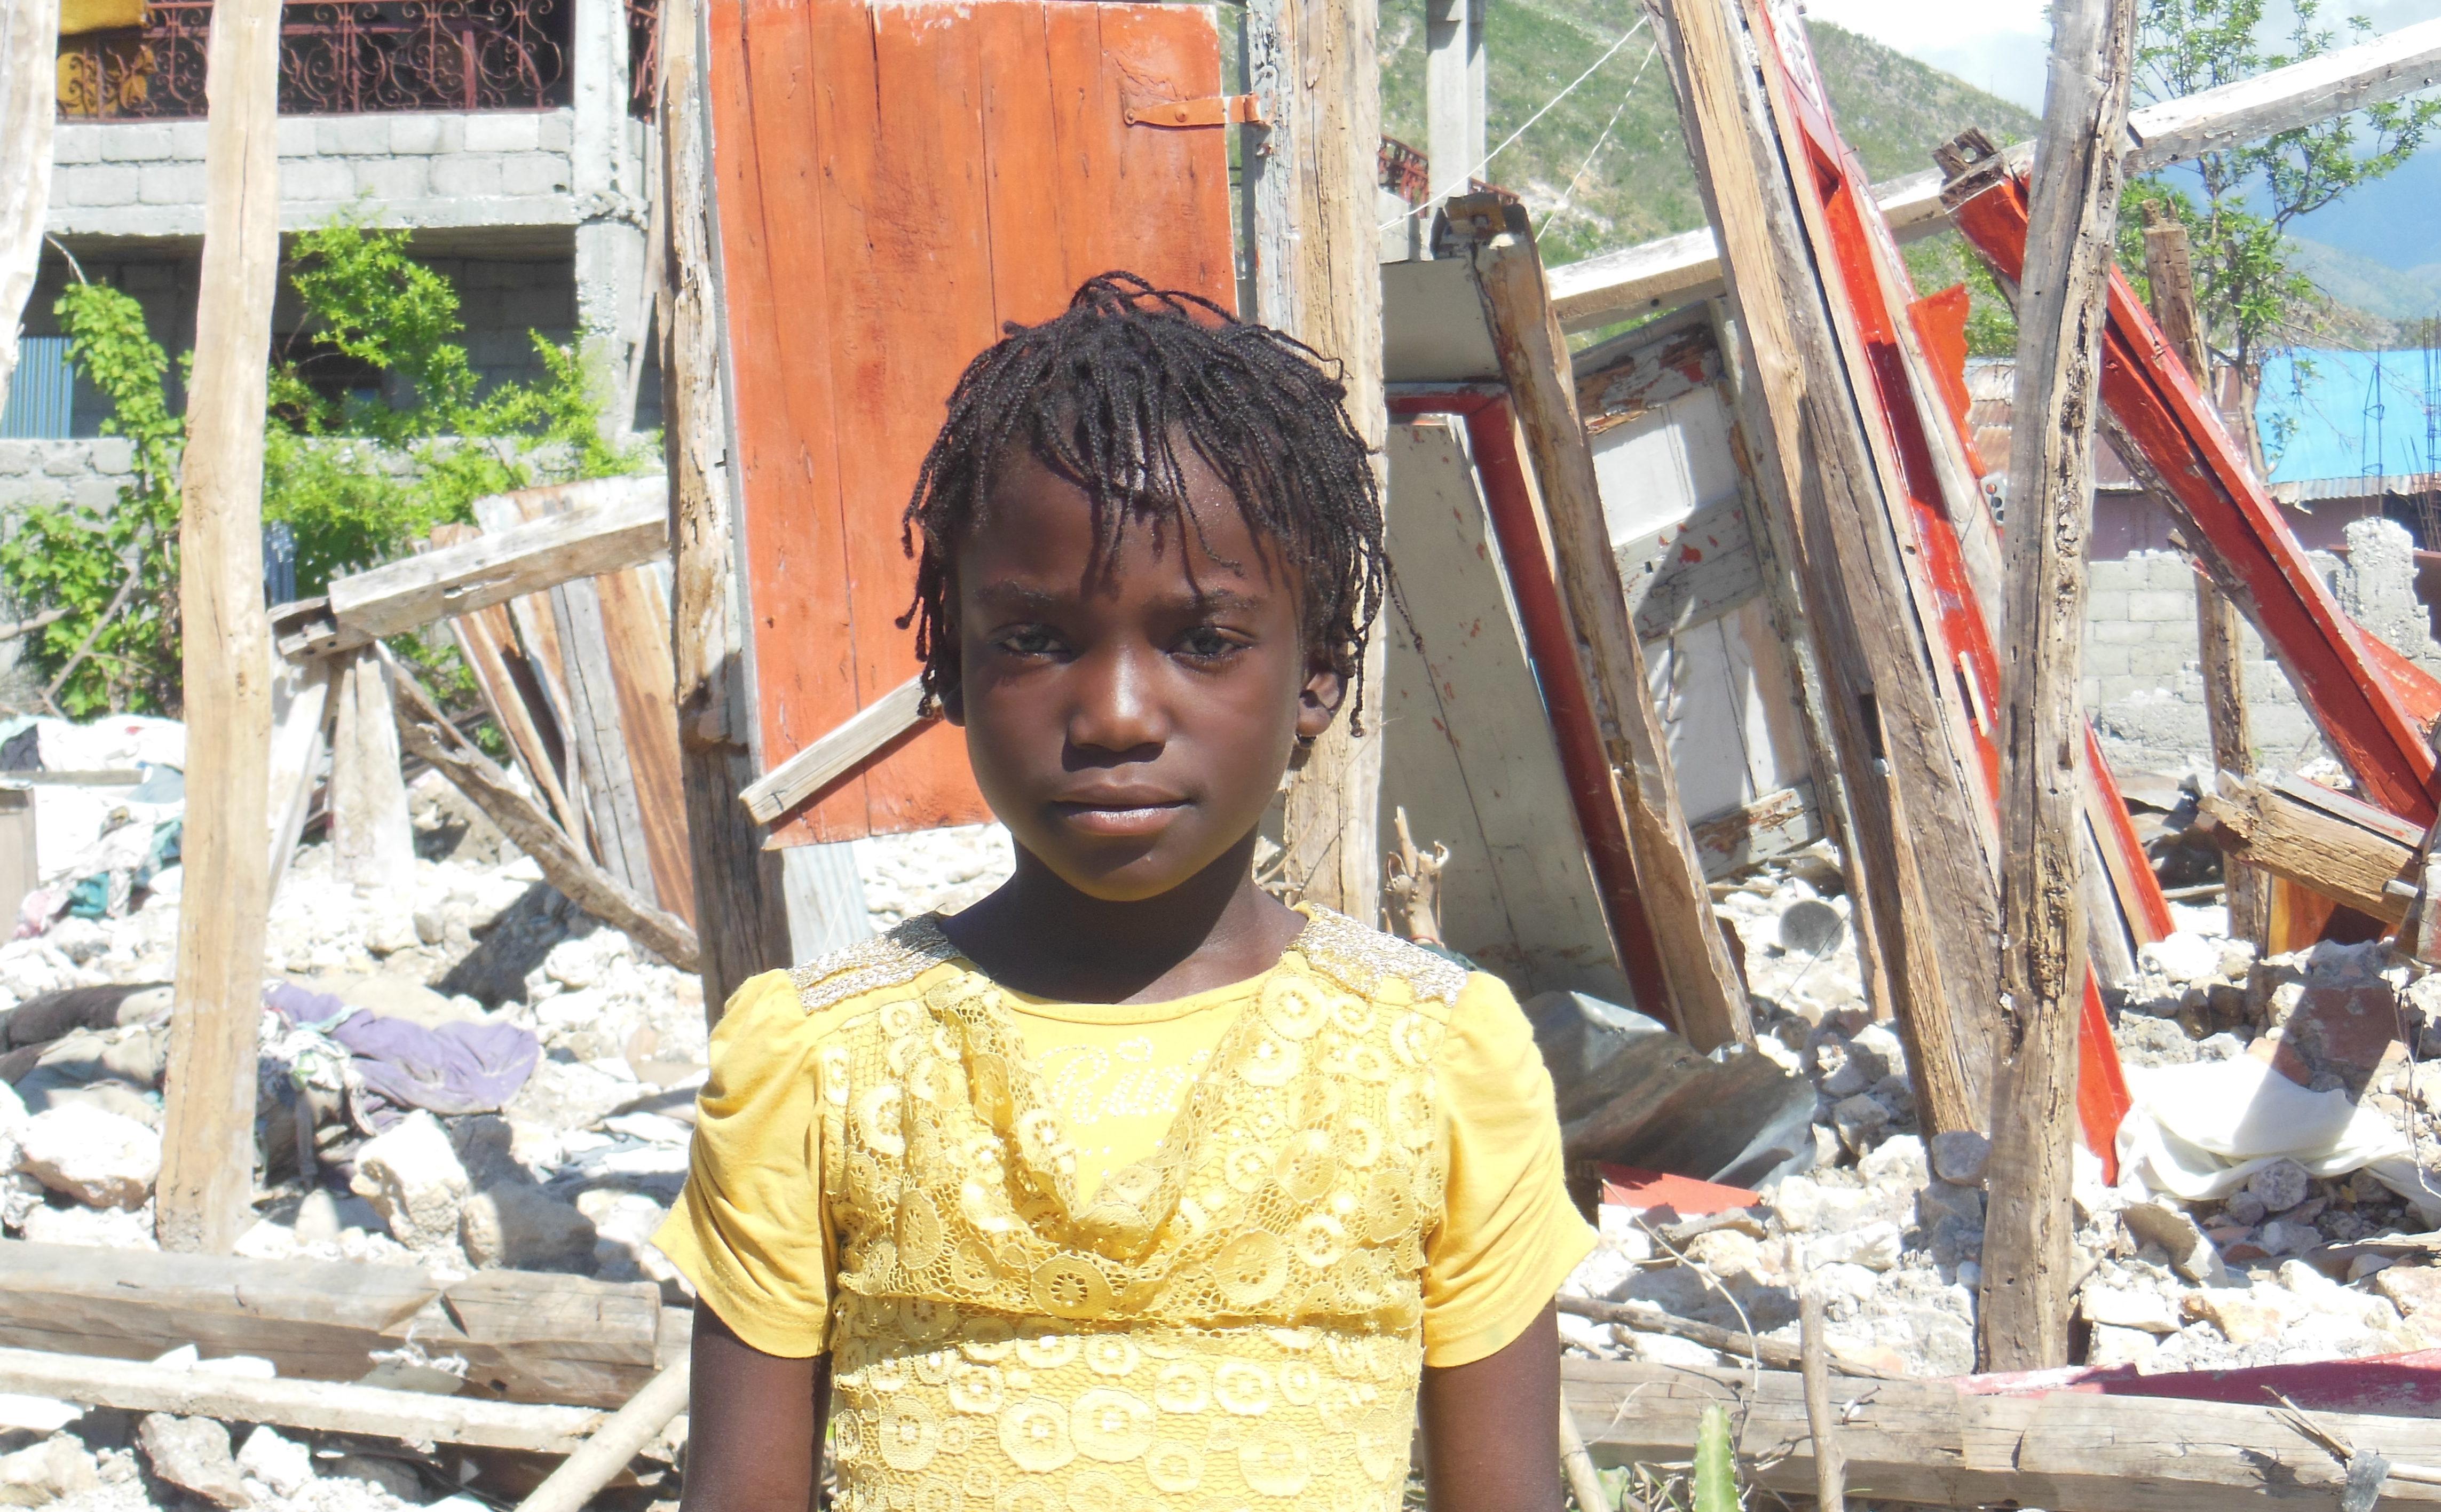 Ein Mädchen vor den Trümmern ihres Hauses in Haiti. (Quelle: Kindernothilfe-Partner)